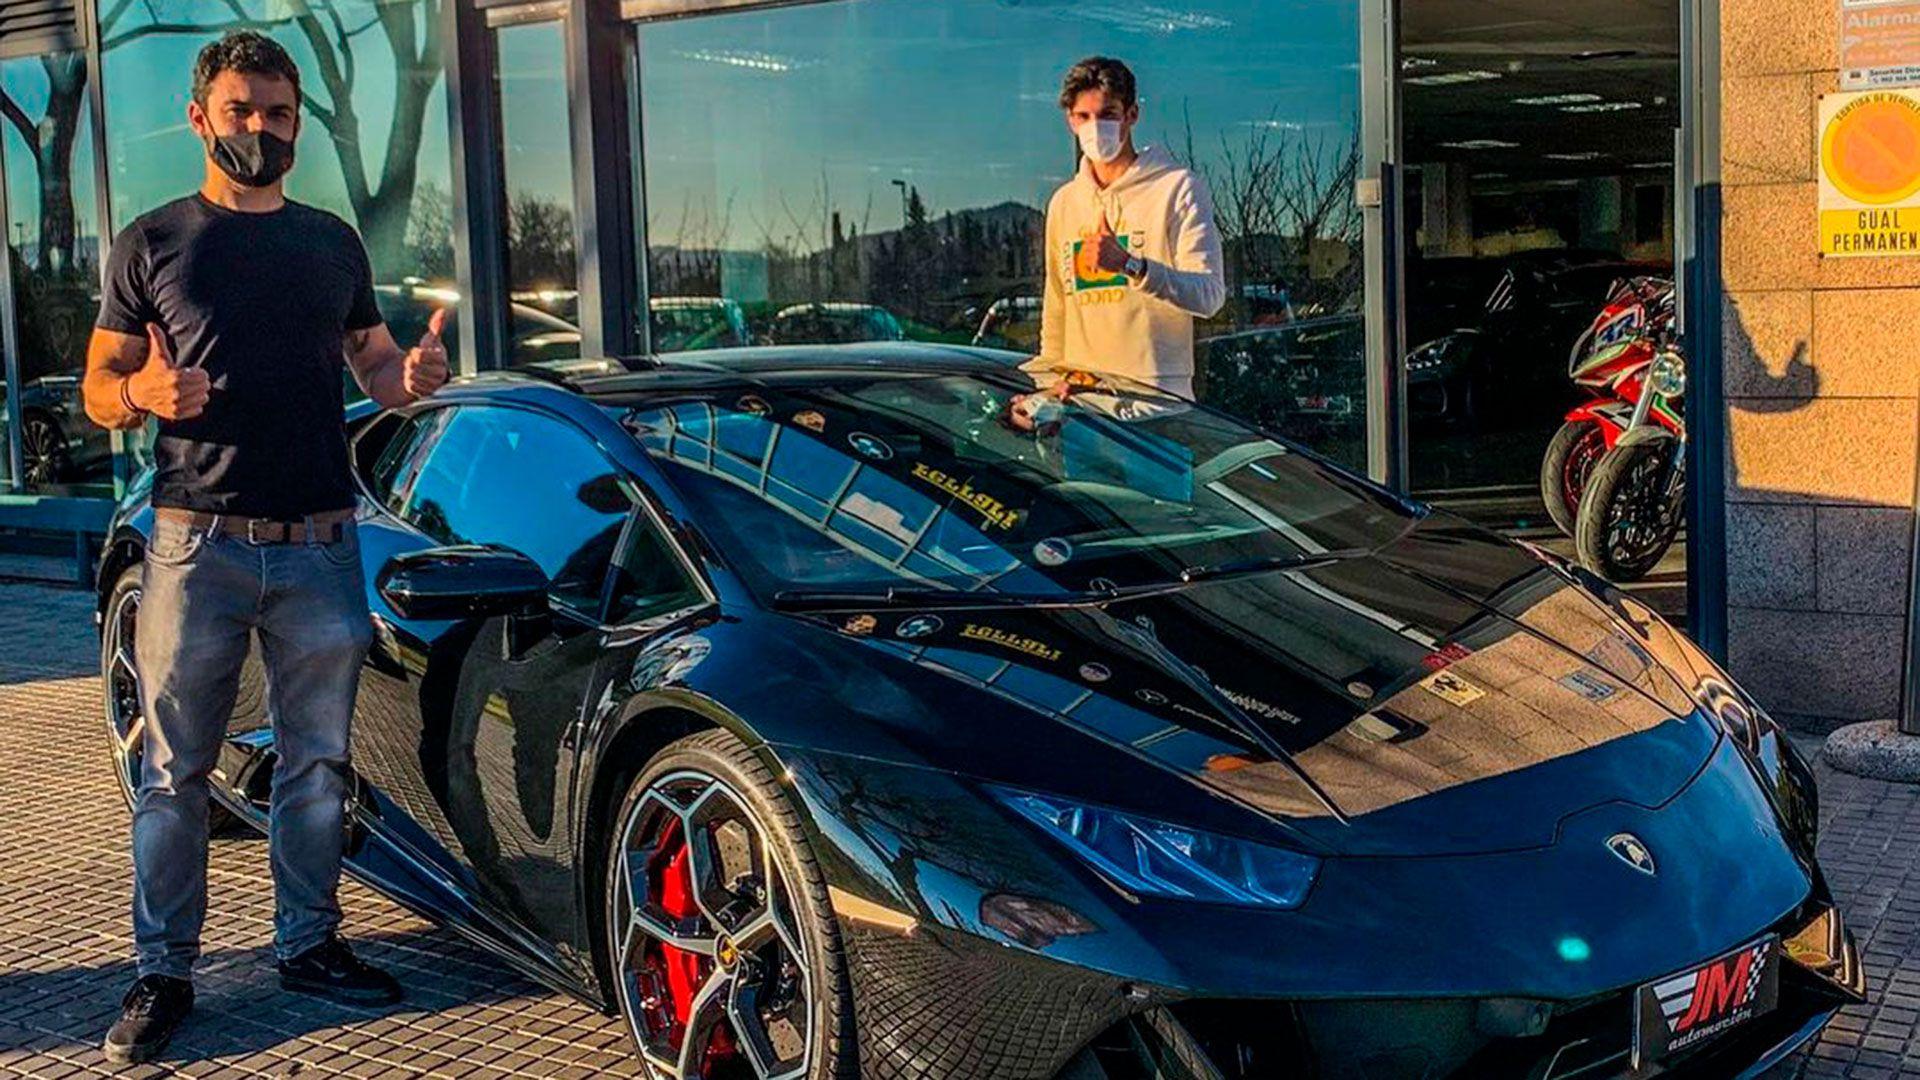 Trincao con su Lamborghini